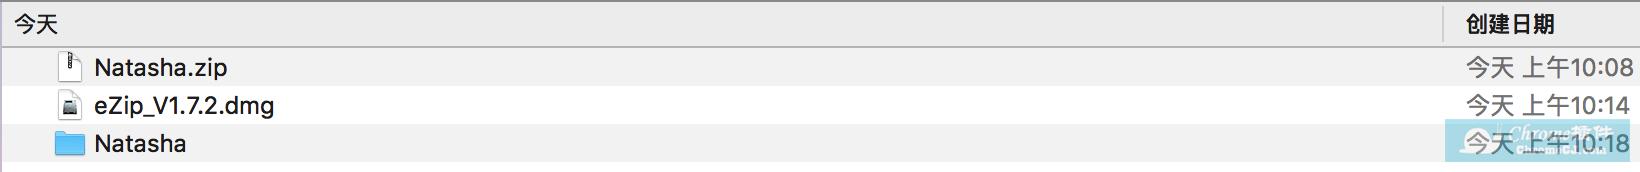 将从本站下载.CRX格式的插件修改成.zip格式的文件。